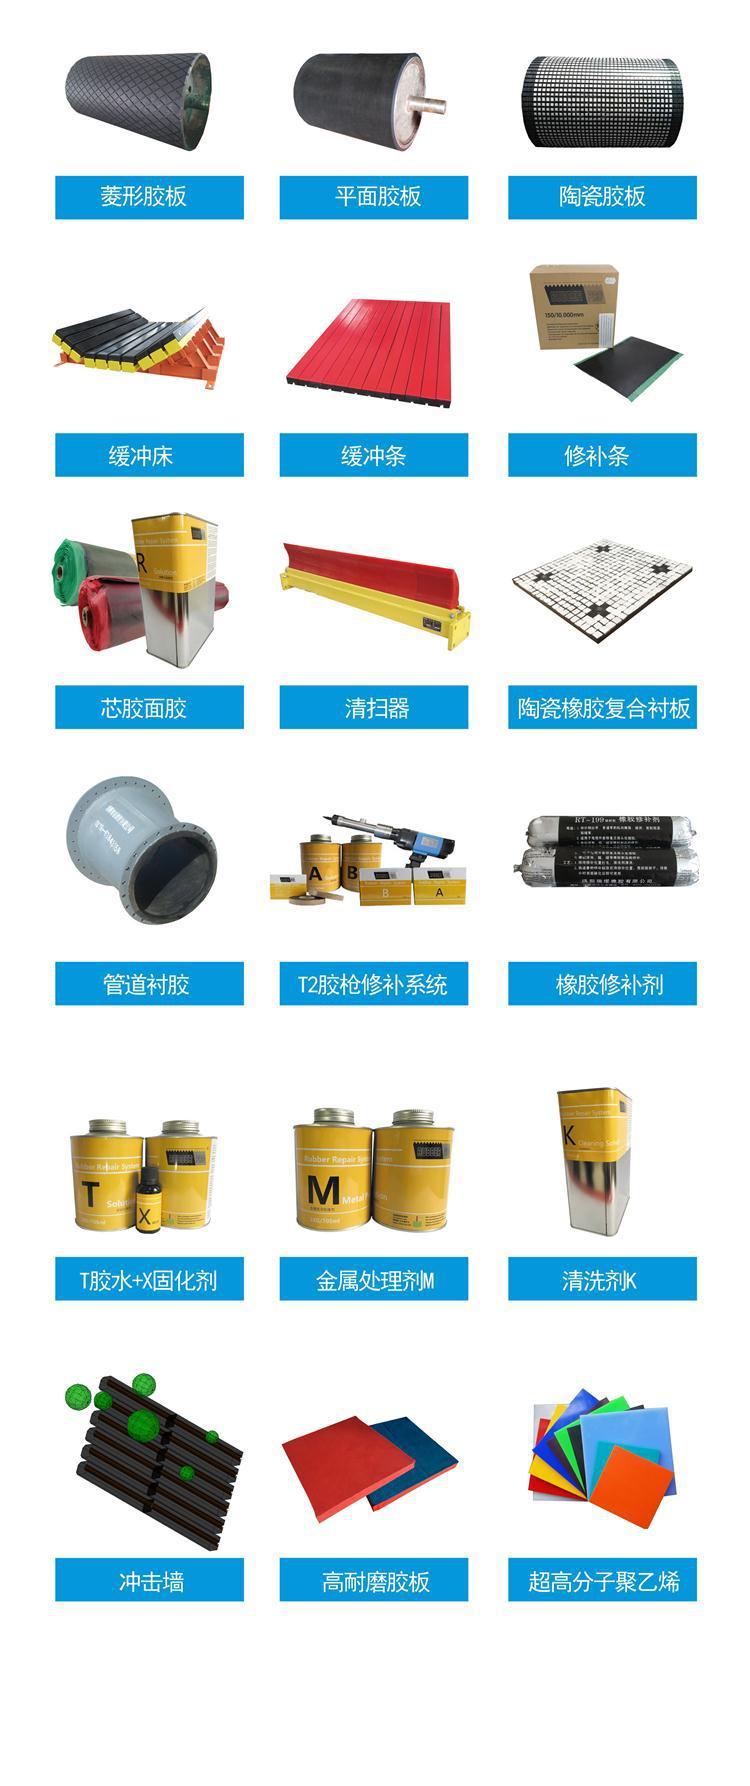 20mm耐磨包胶胶板在哪儿采购,滚筒包胶材料生产厂家示例图23